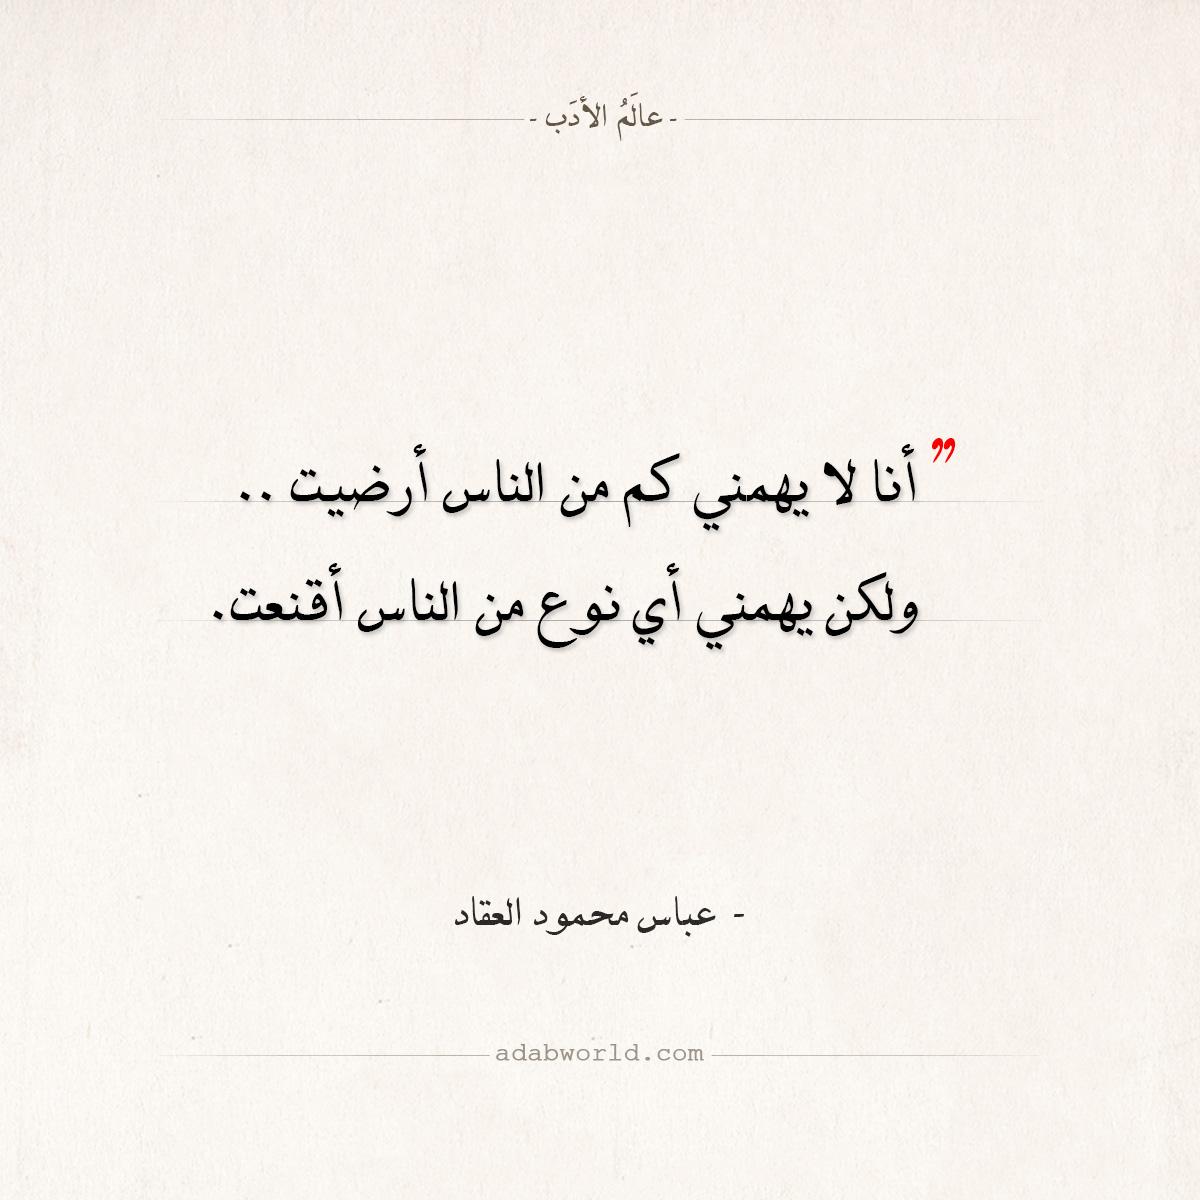 اقتباسات عباس محمود العقاد - أنا لا يهمني